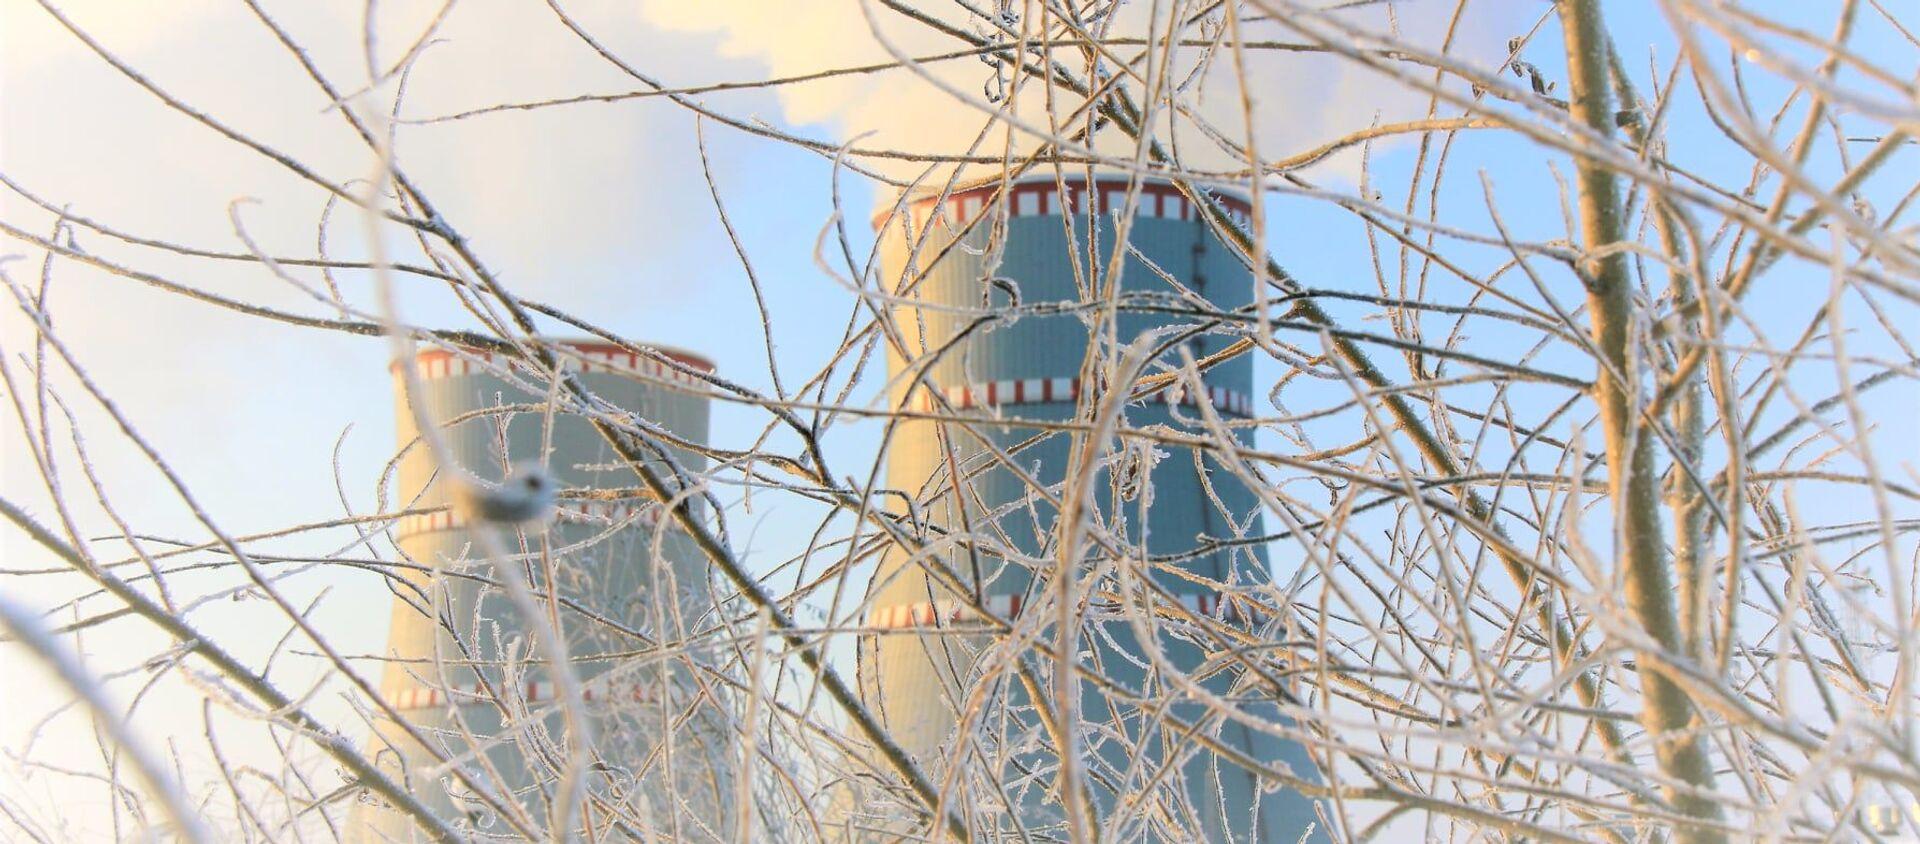 БелАЭС зимой - Sputnik Беларусь, 1920, 07.03.2021